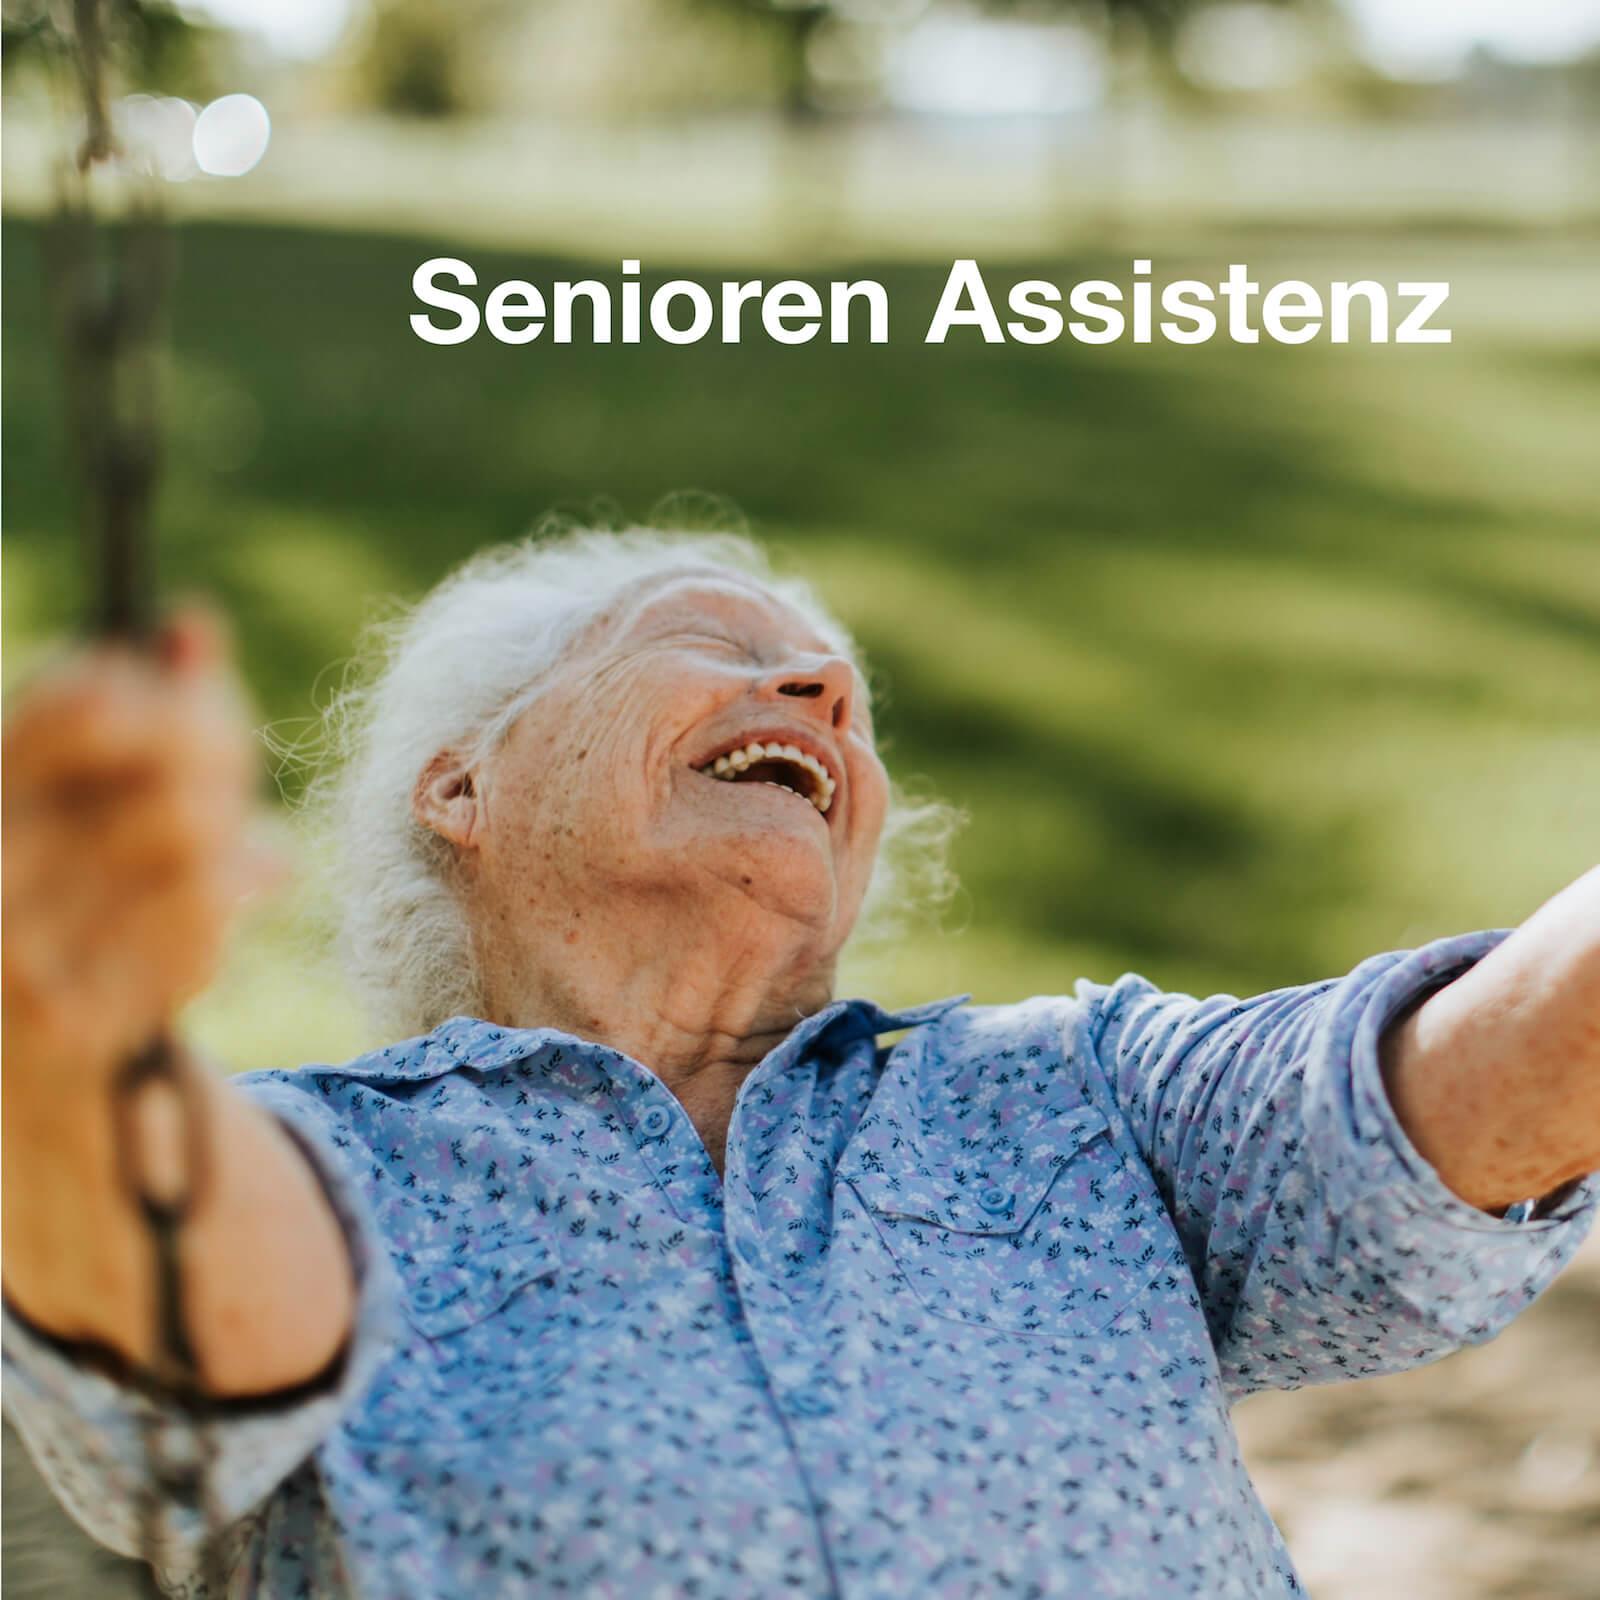 Vermittlung von Seniorenbetreuung und weiterem qualifiziertem und professionellem Hauspersonal.